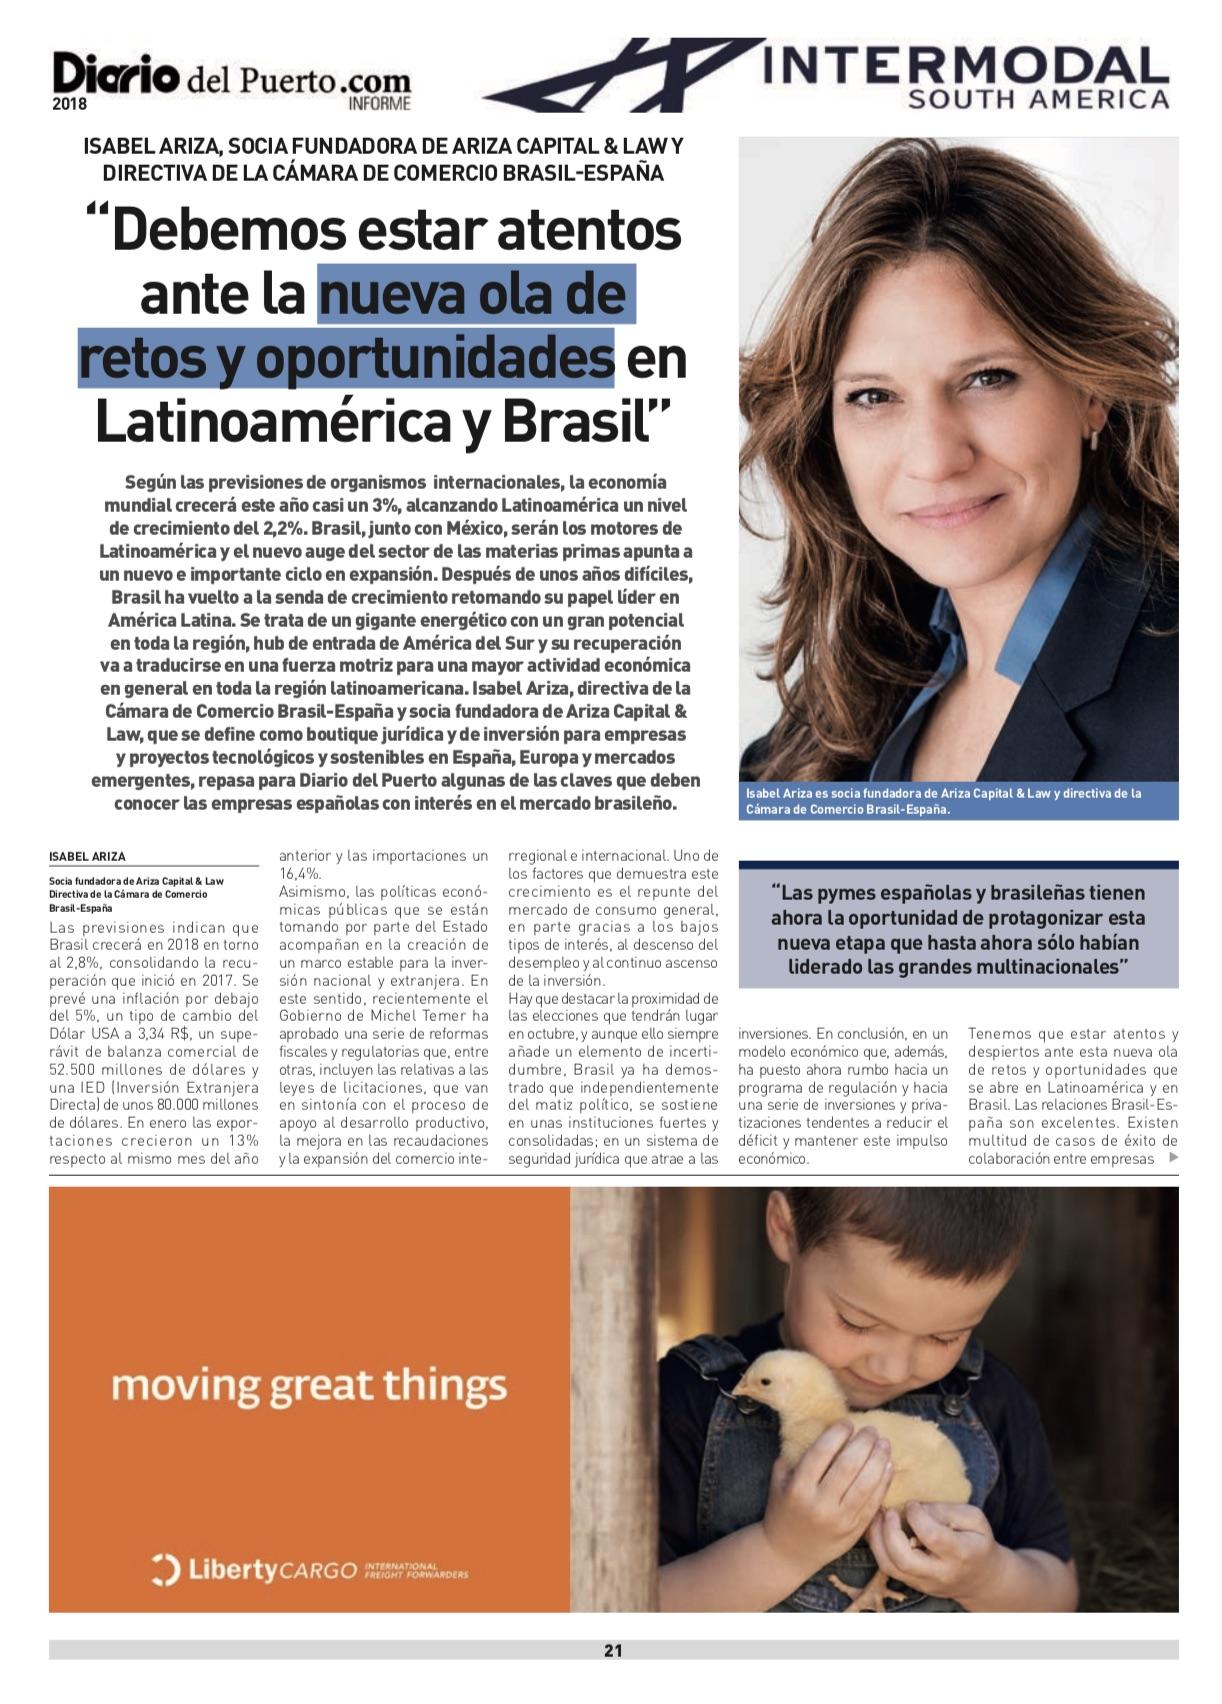 Publicación en Diario del Puerto